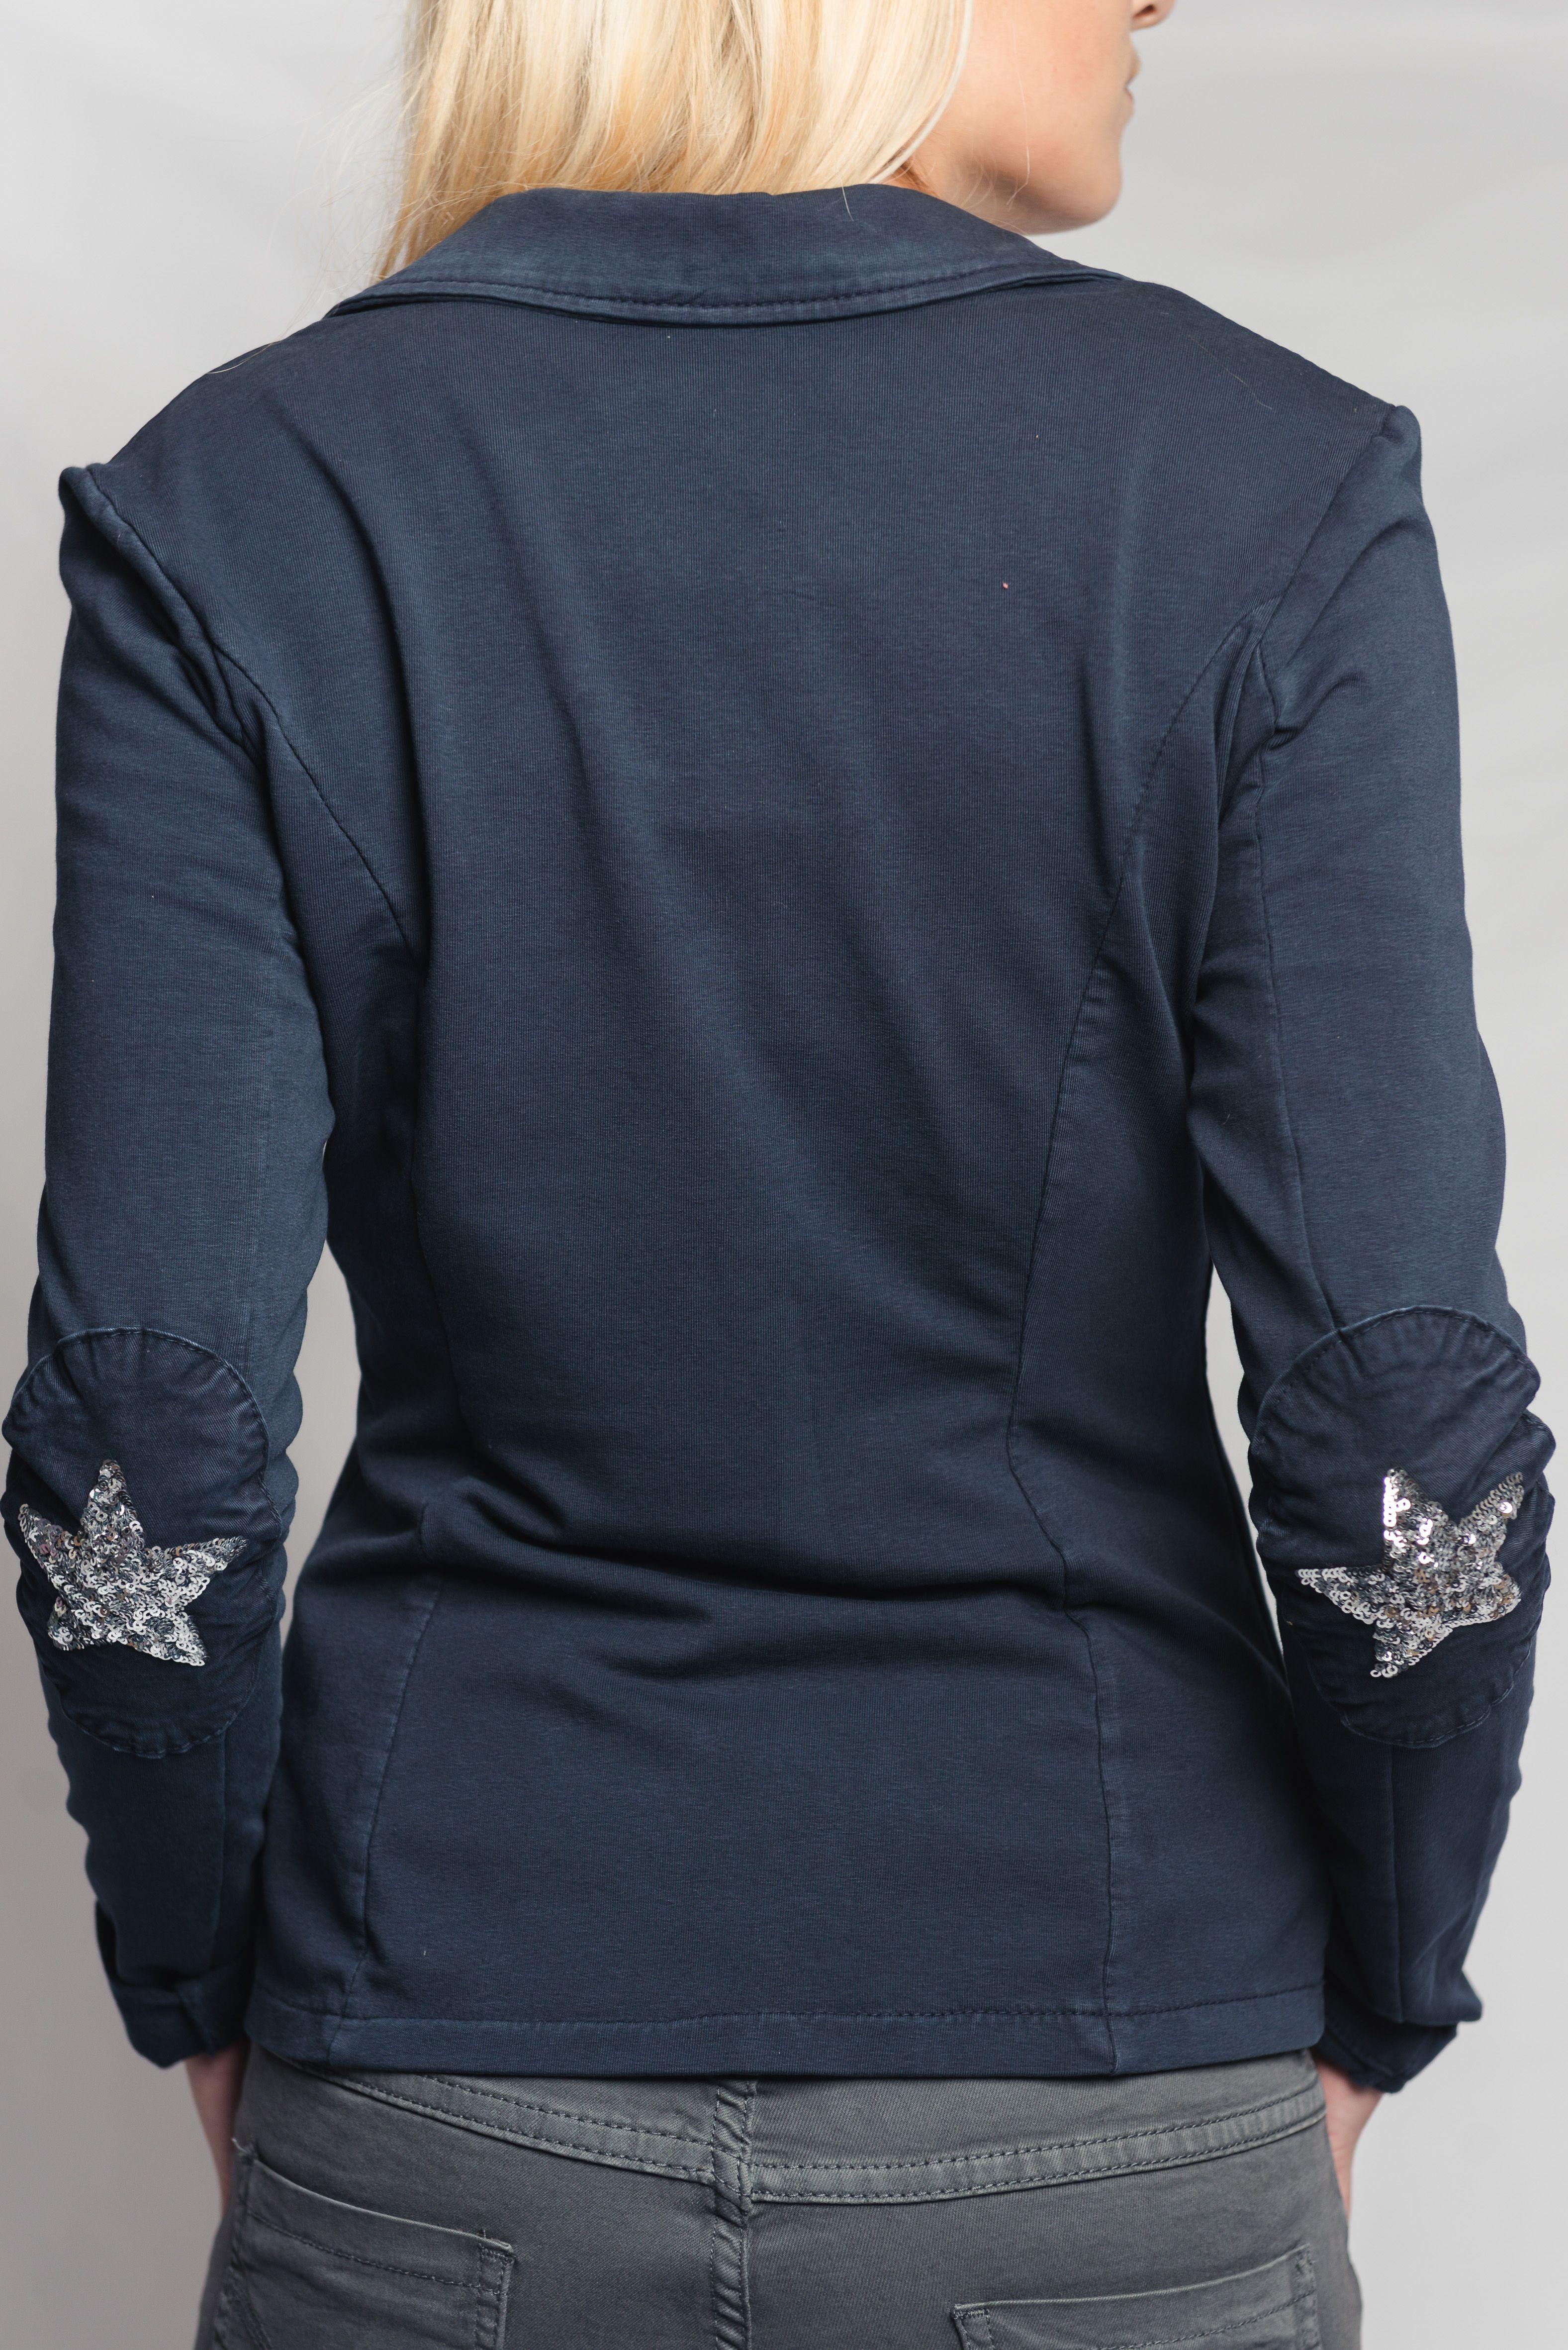 Veste coton femme bleu marine